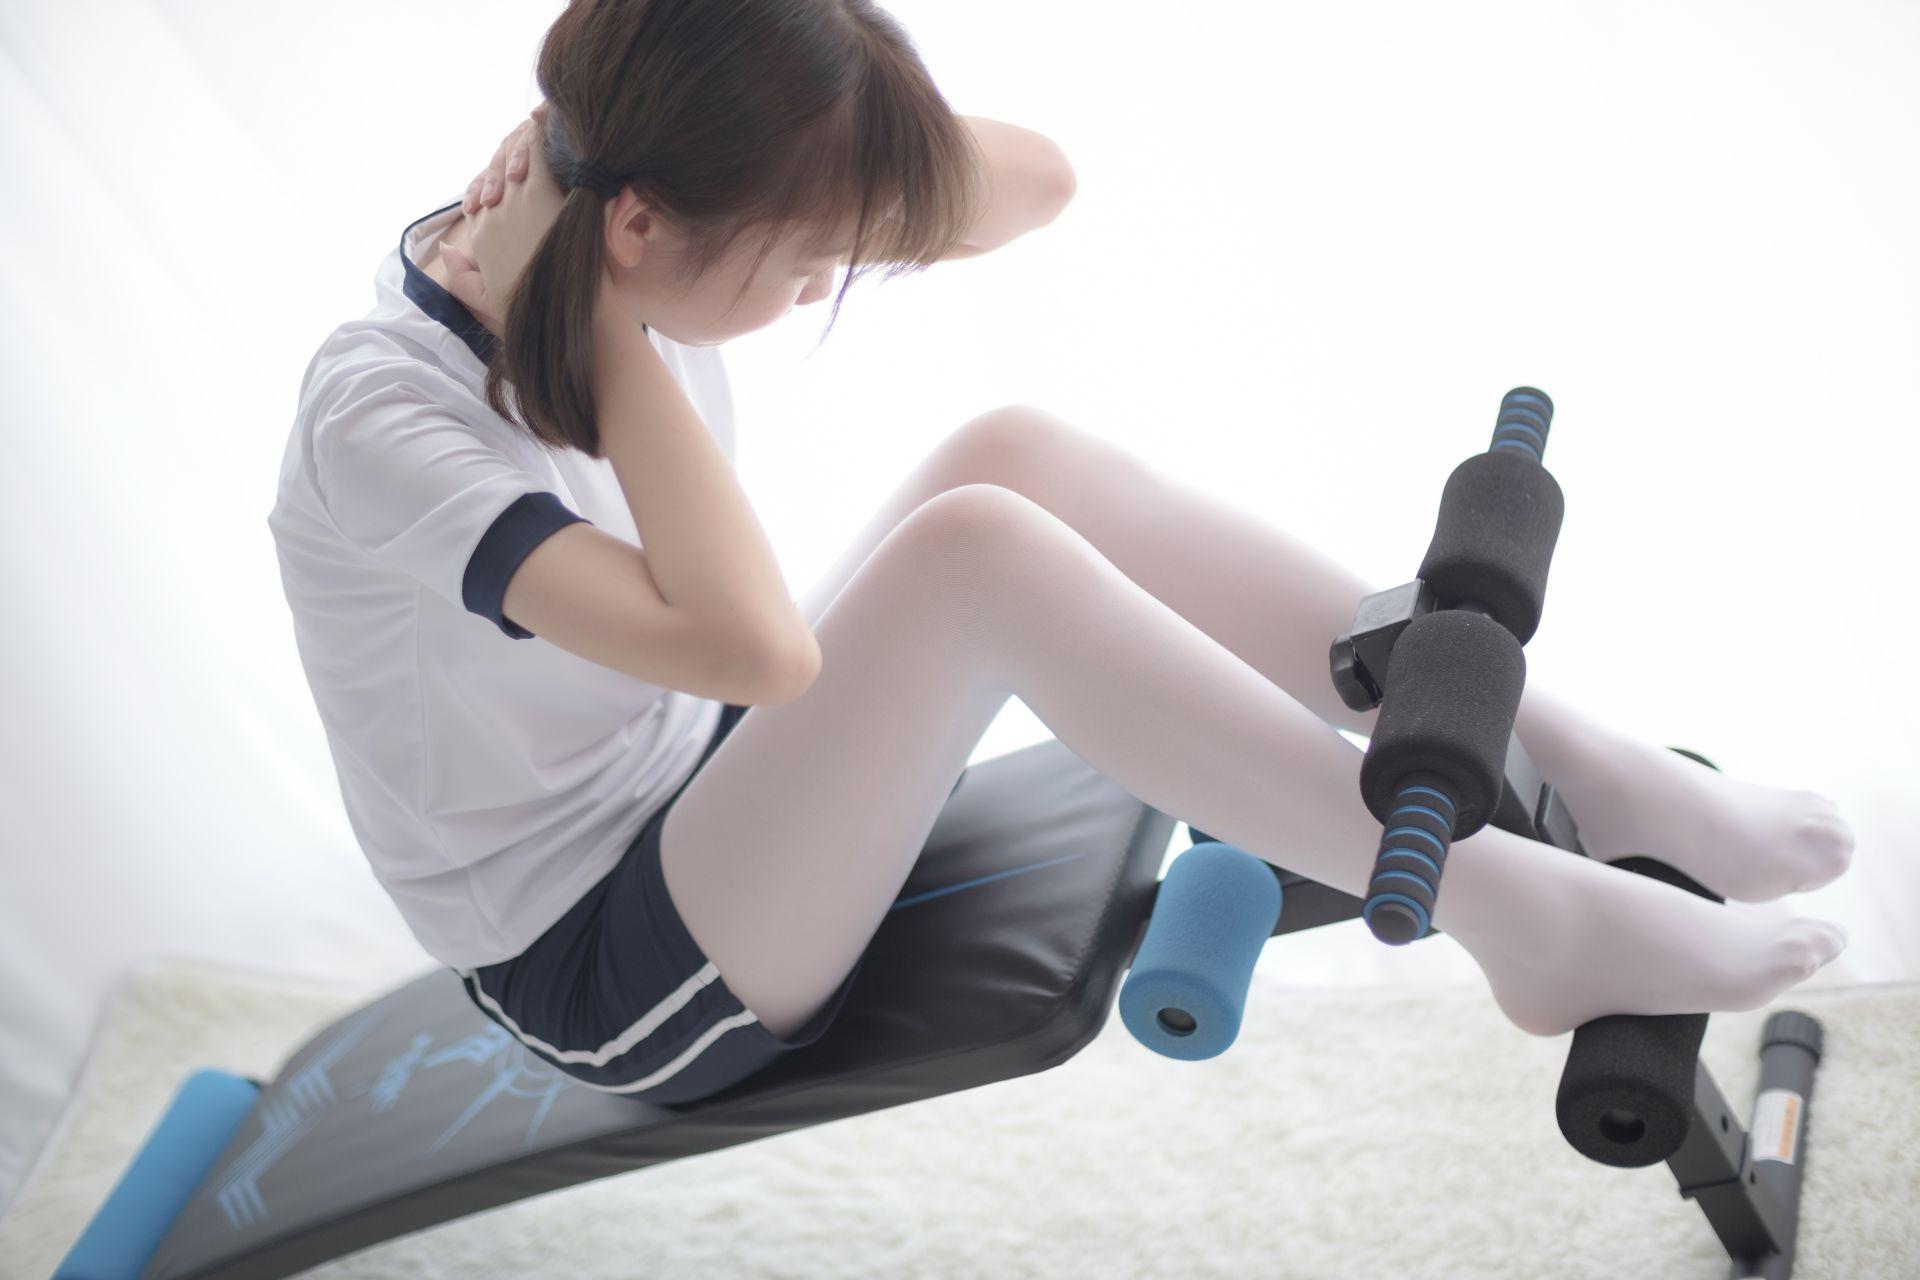 【森萝财团】森萝财团写真 - R15-013 白丝运动少女 [85P-418MB] R15系列 第3张